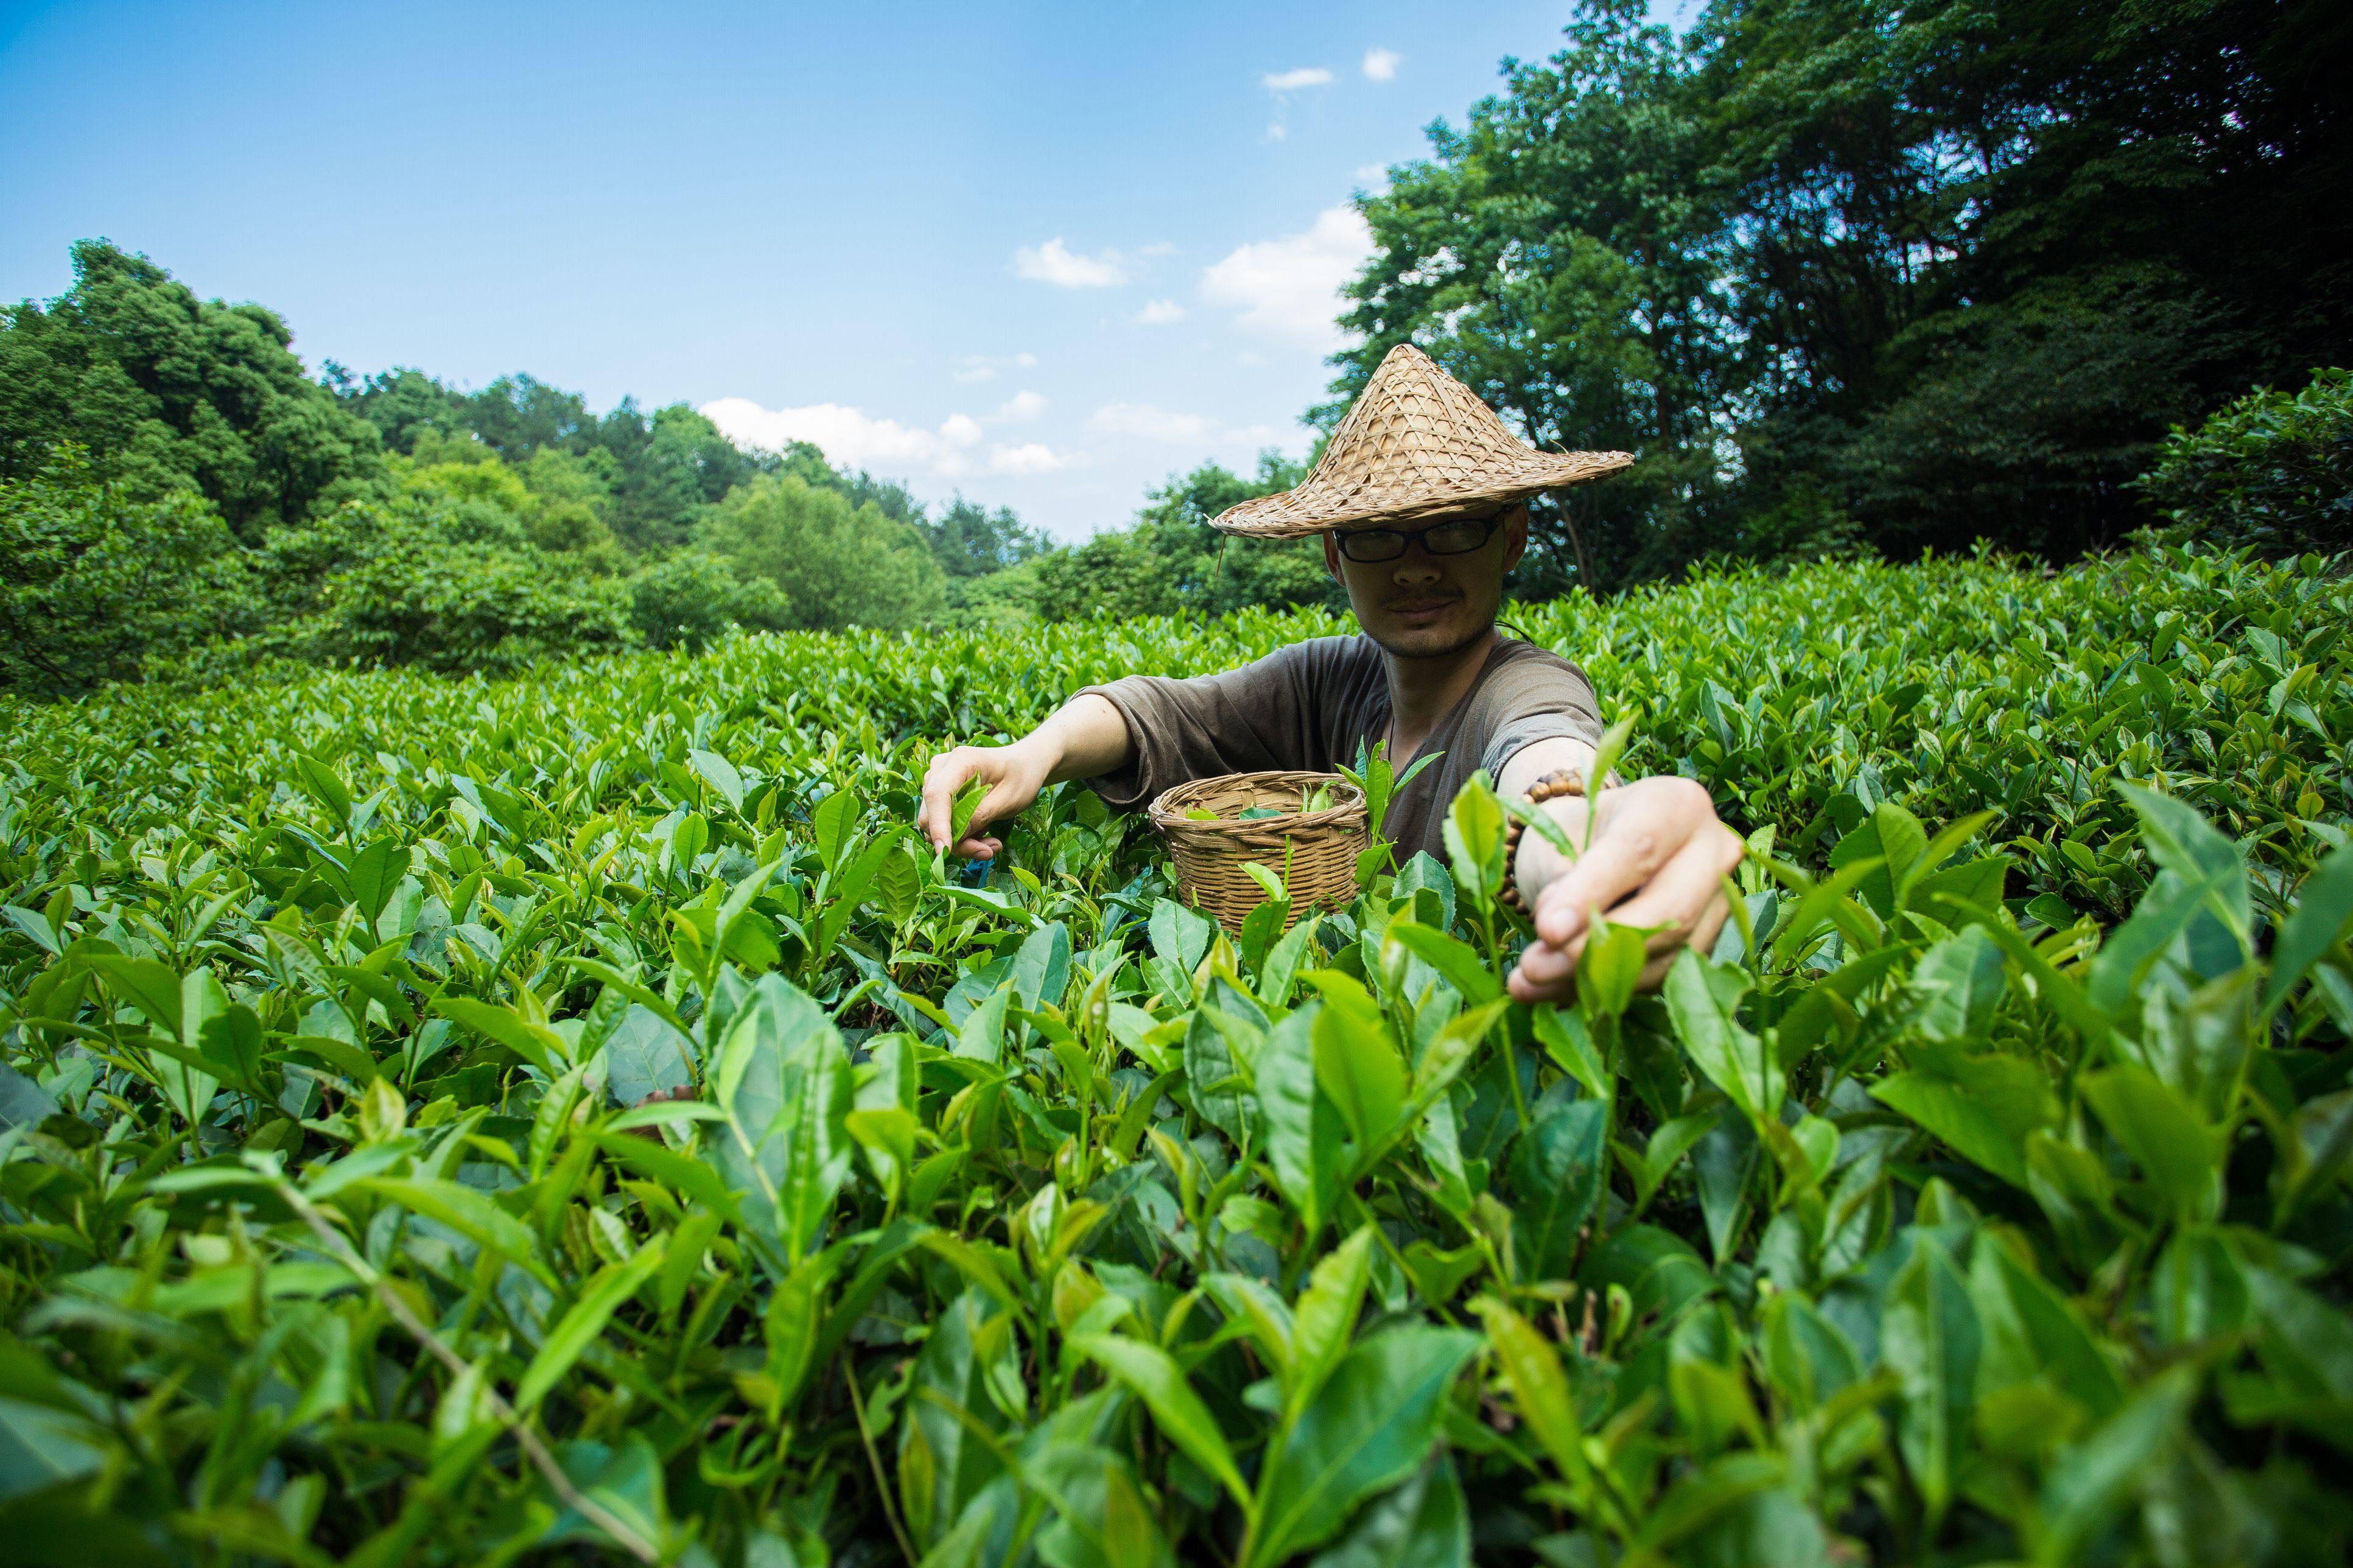 Young man picking tea